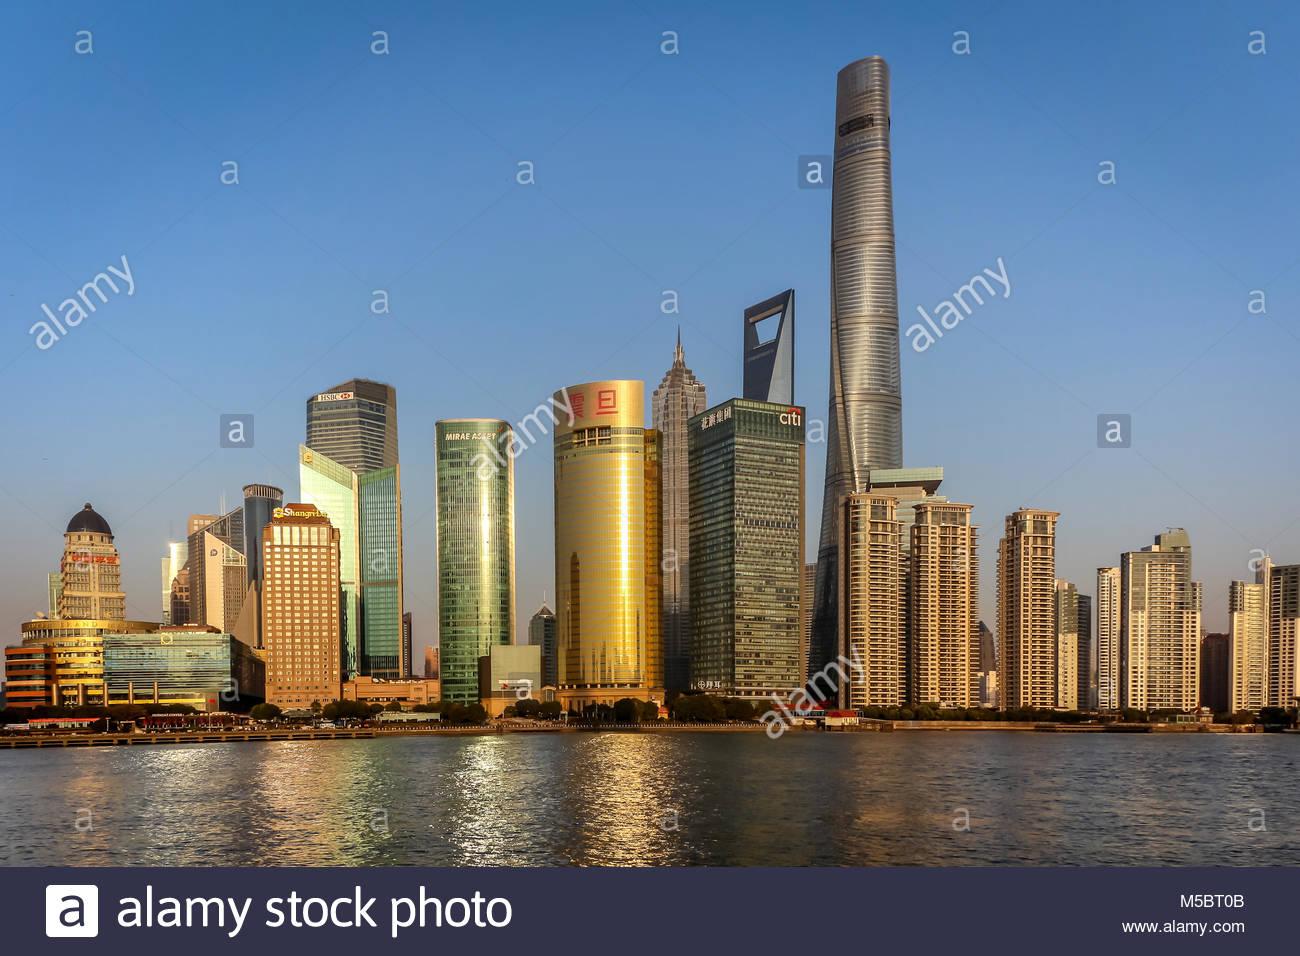 Die Skyline von Shanghai im Stadtteil Pudong mit Shanghai Tower, Shanghai World Financial Center, Jin-Mao Tower, - Stock Image